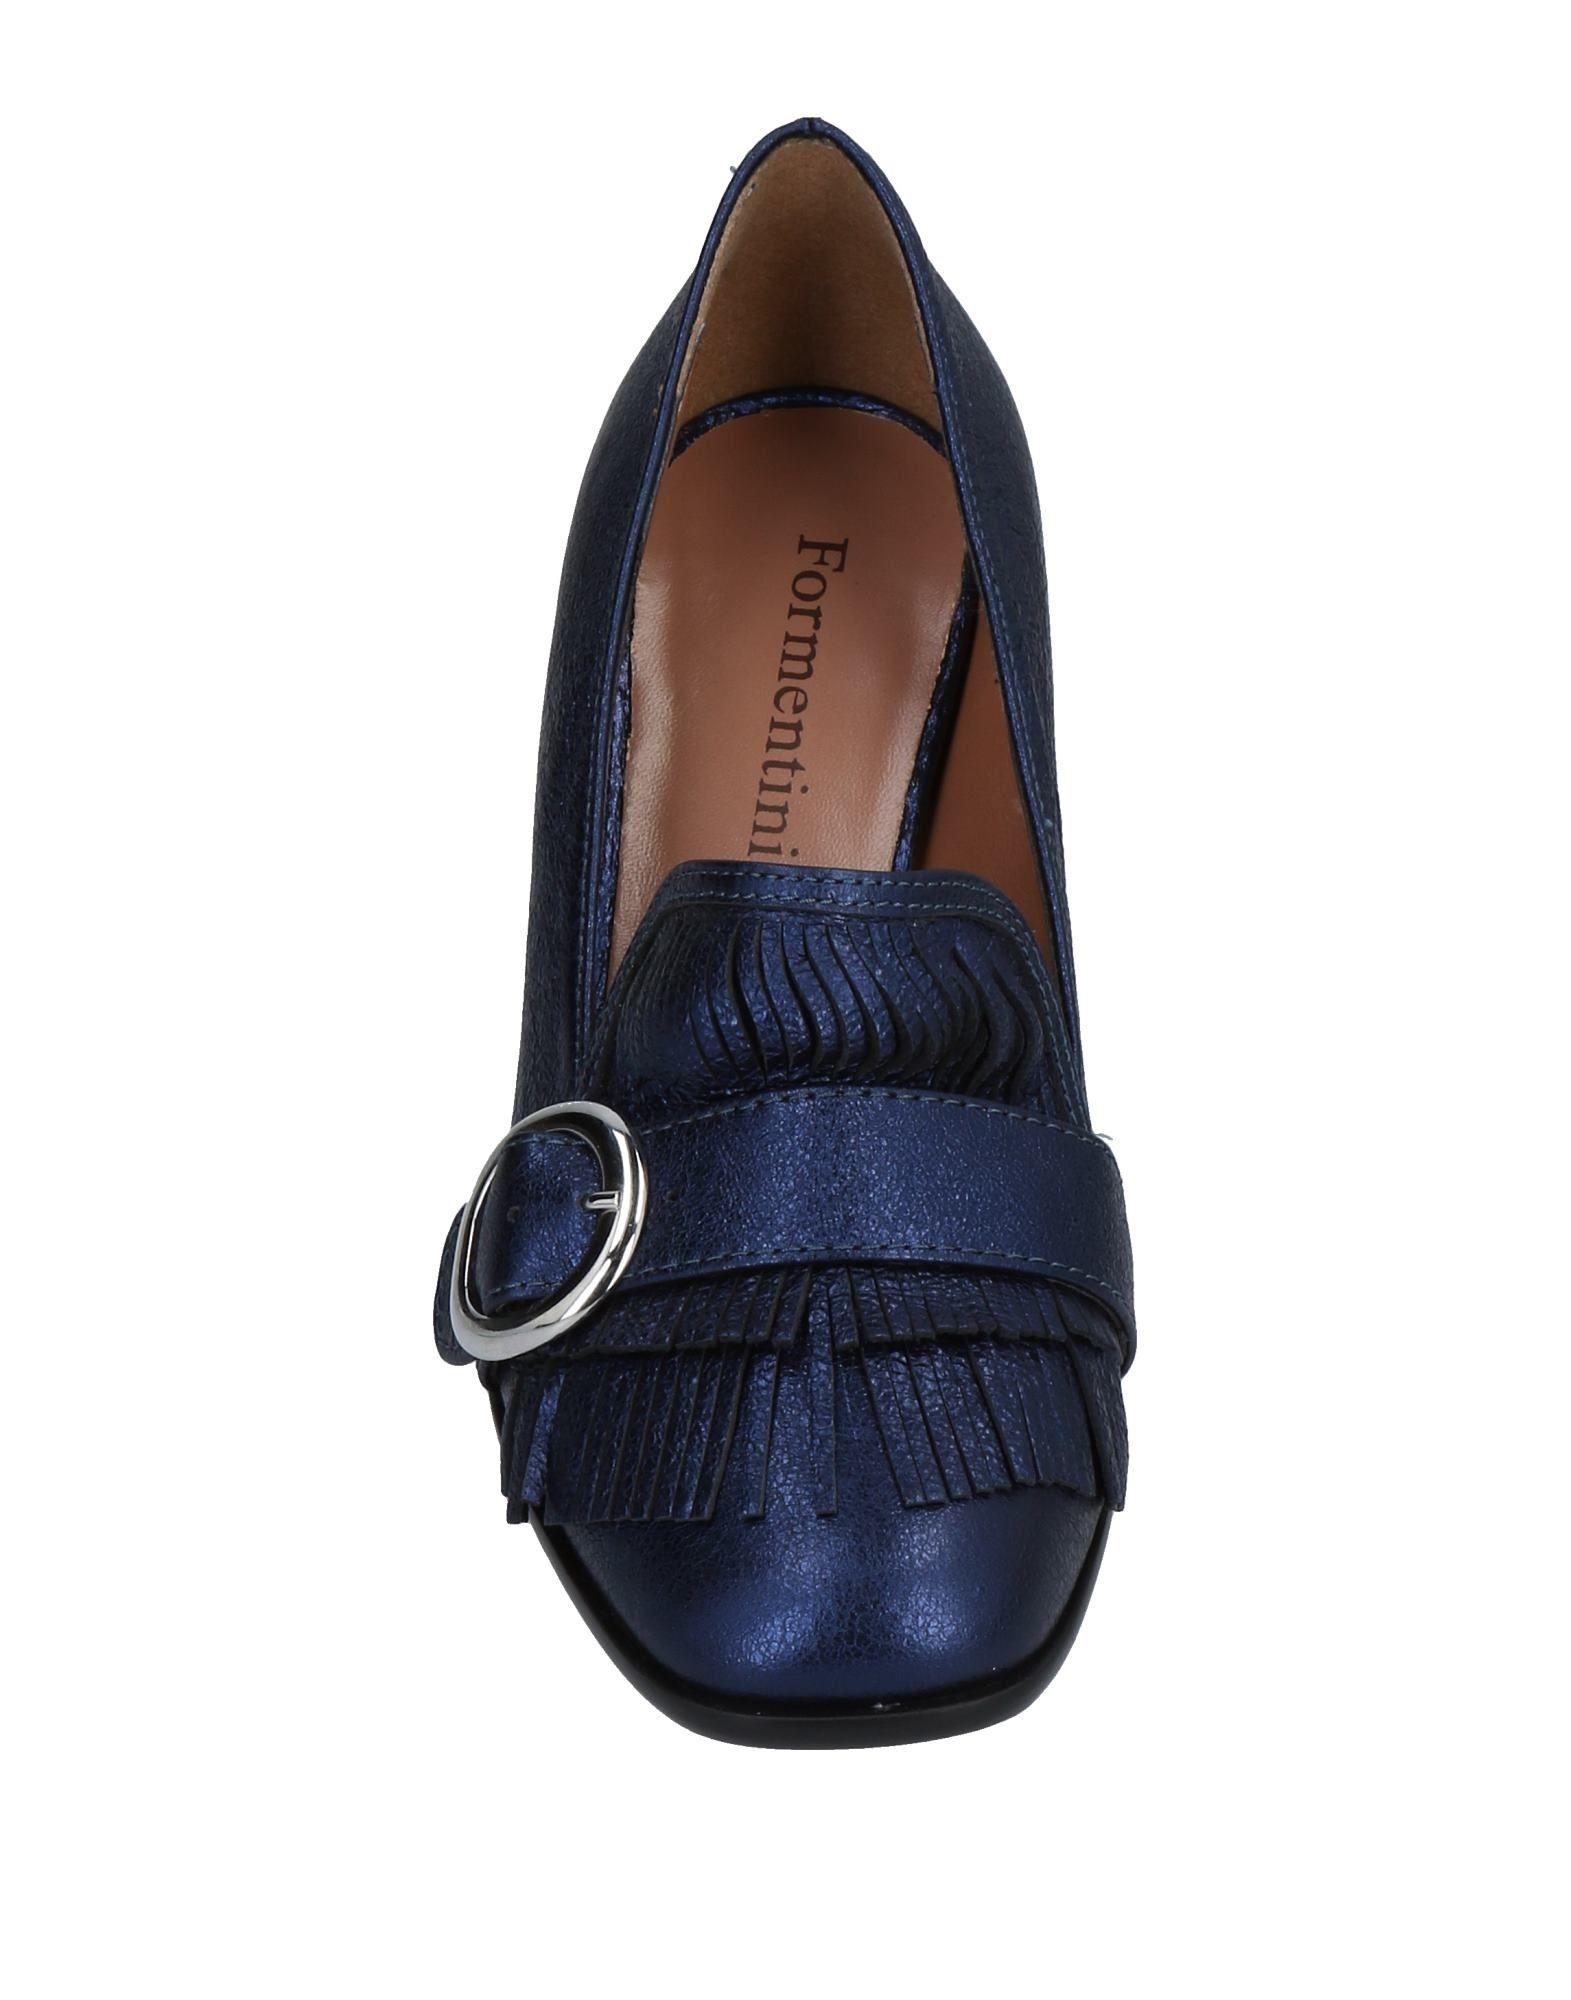 Formentini Mokassins Damen  Schuhe 11479058GI Gute Qualität beliebte Schuhe  2692b7